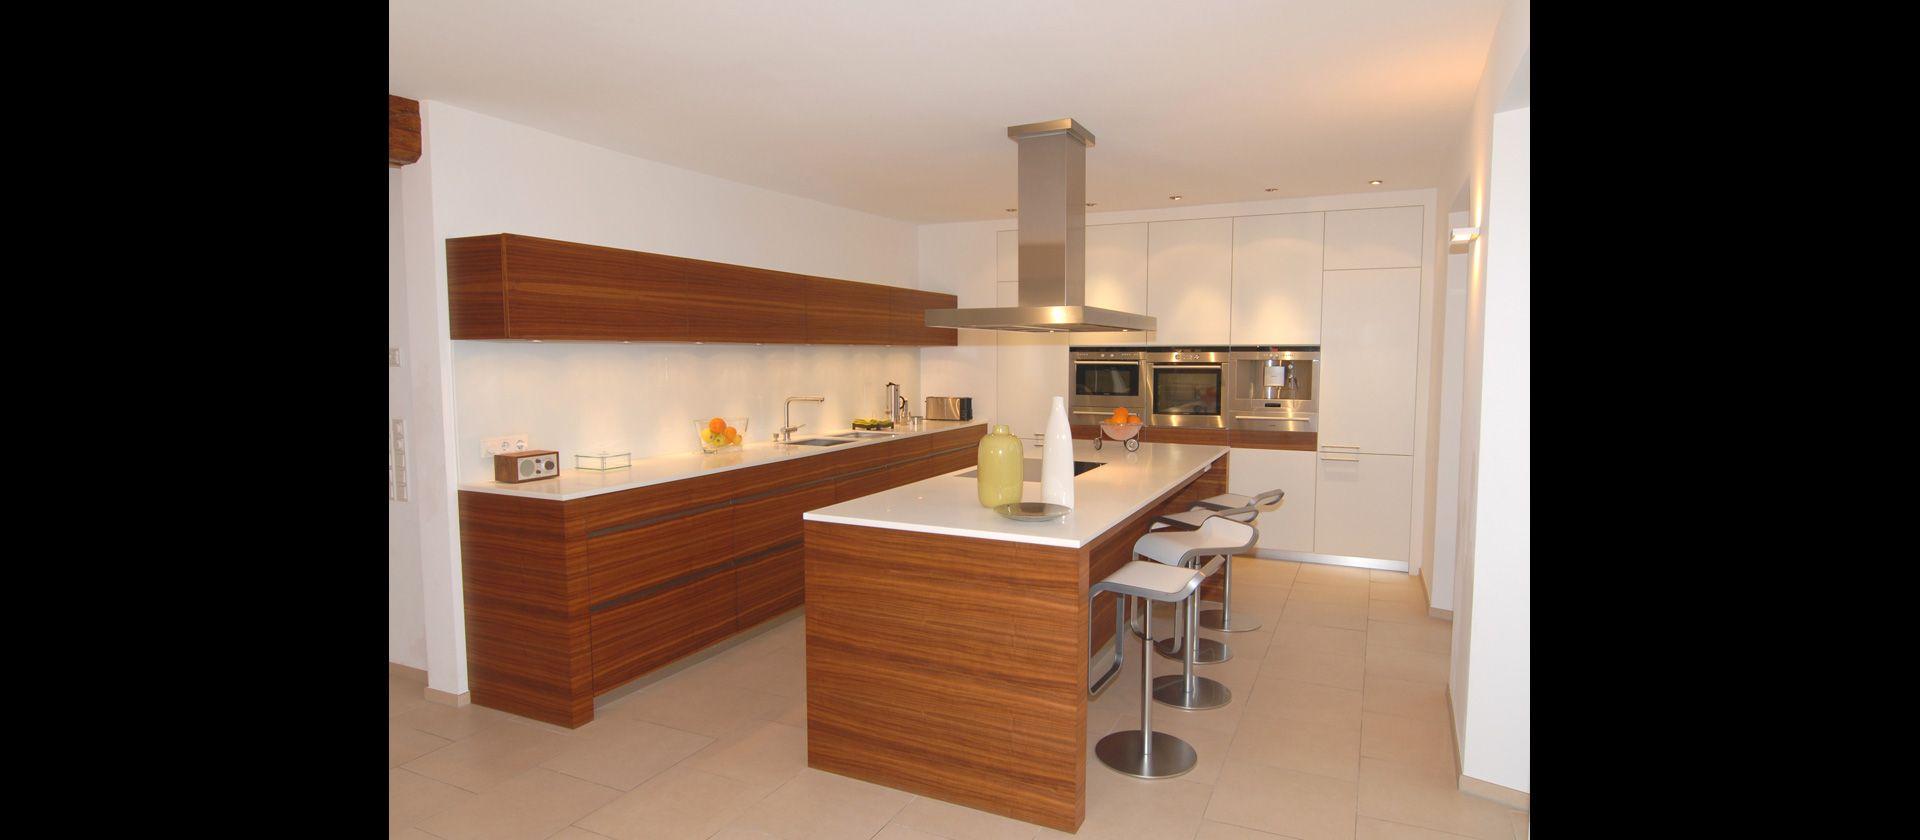 Küche Nussbaum mtb küche in nussbaum und mineralstein cuisine